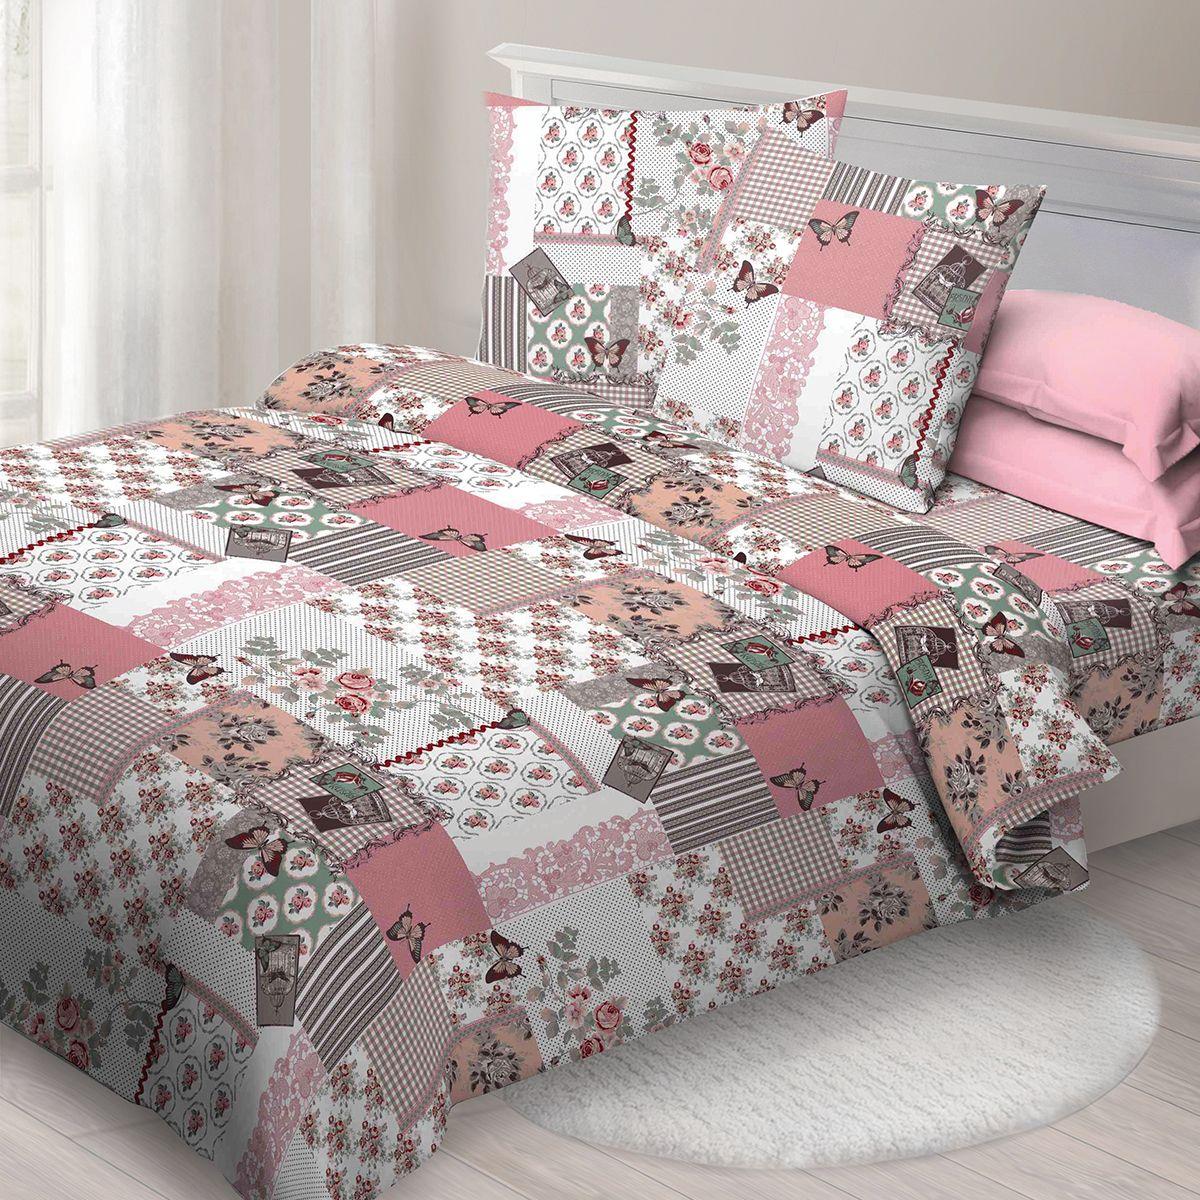 Комплект белья Спал Спалыч Прованс, 2-спальное, наволочки 70x70, цвет: розовый10503Спал Спалыч - недорогое, но качественное постельное белье из белорусской бязи. Актуальные дизайны, авторская упаковка в сочетании с качественными материалами и приемлемой ценой - залог успеха Спал Спалыча!В ассортименте широкая линейка домашнего текстиля для всей семьи - современные дизайны современному покупателю! Ткань обработана по технологии PERFECT WAY - благодаря чему, она становится более гладкой и шелковистой.• Бязь Барановичи 100% хлопок• Плотность ткани - 125 гр/кв.м.